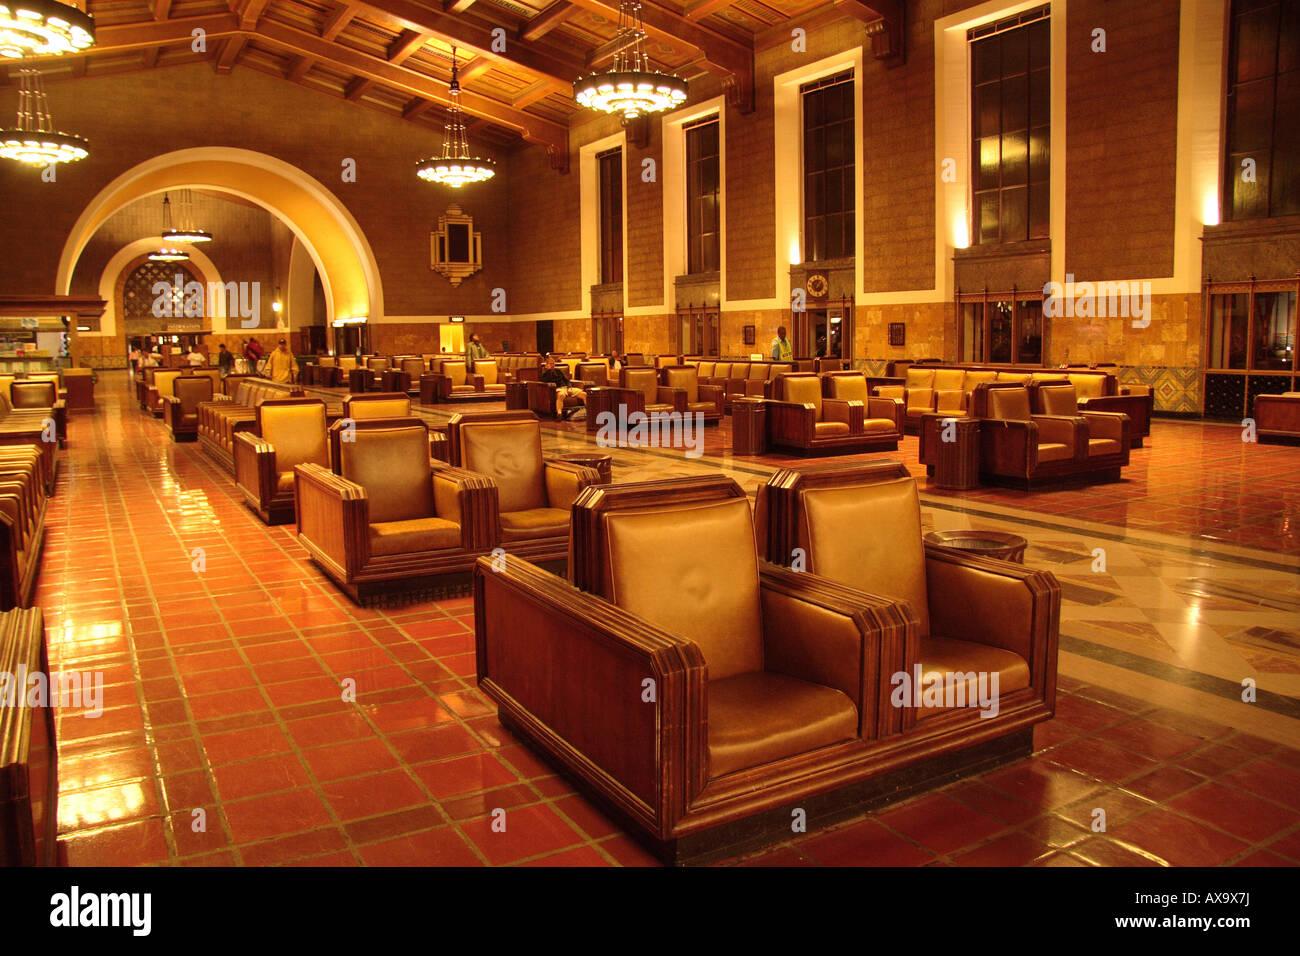 Innen Los Angeles Union Station Lobby 1940 Dekor Stockbild